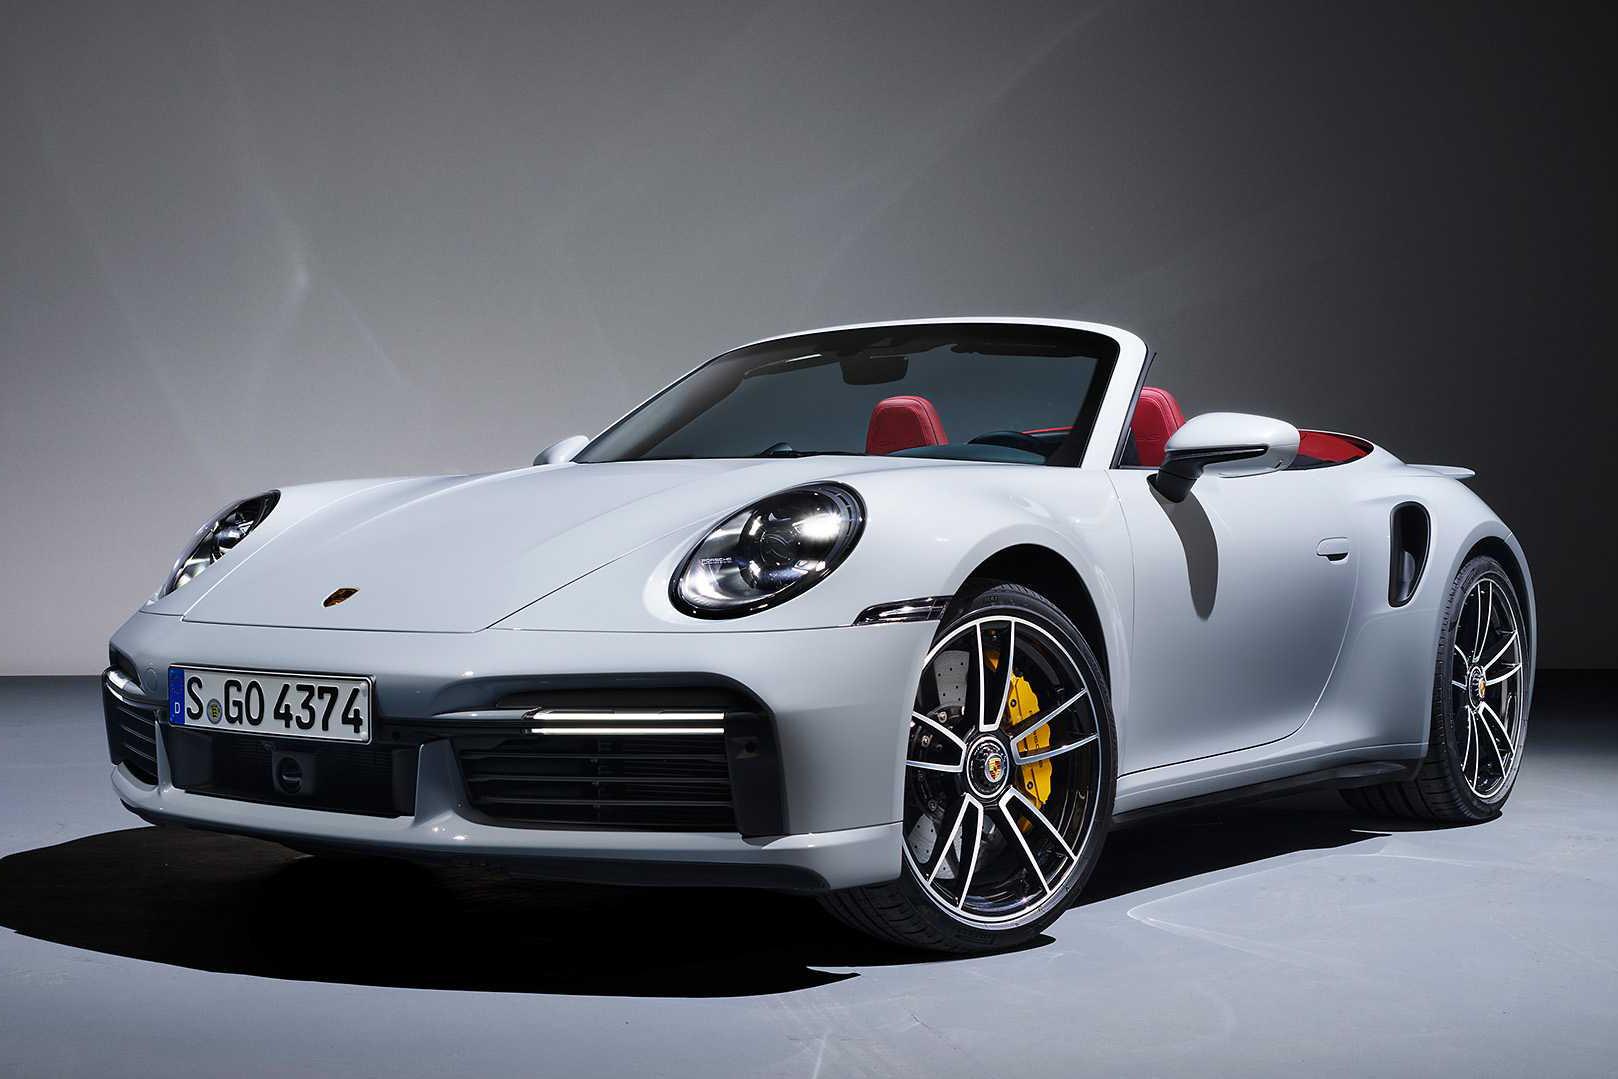 Porsche 911 phiên bản mới sắp ra mắt nhưng không được lòng nhiều fan vì một lý do